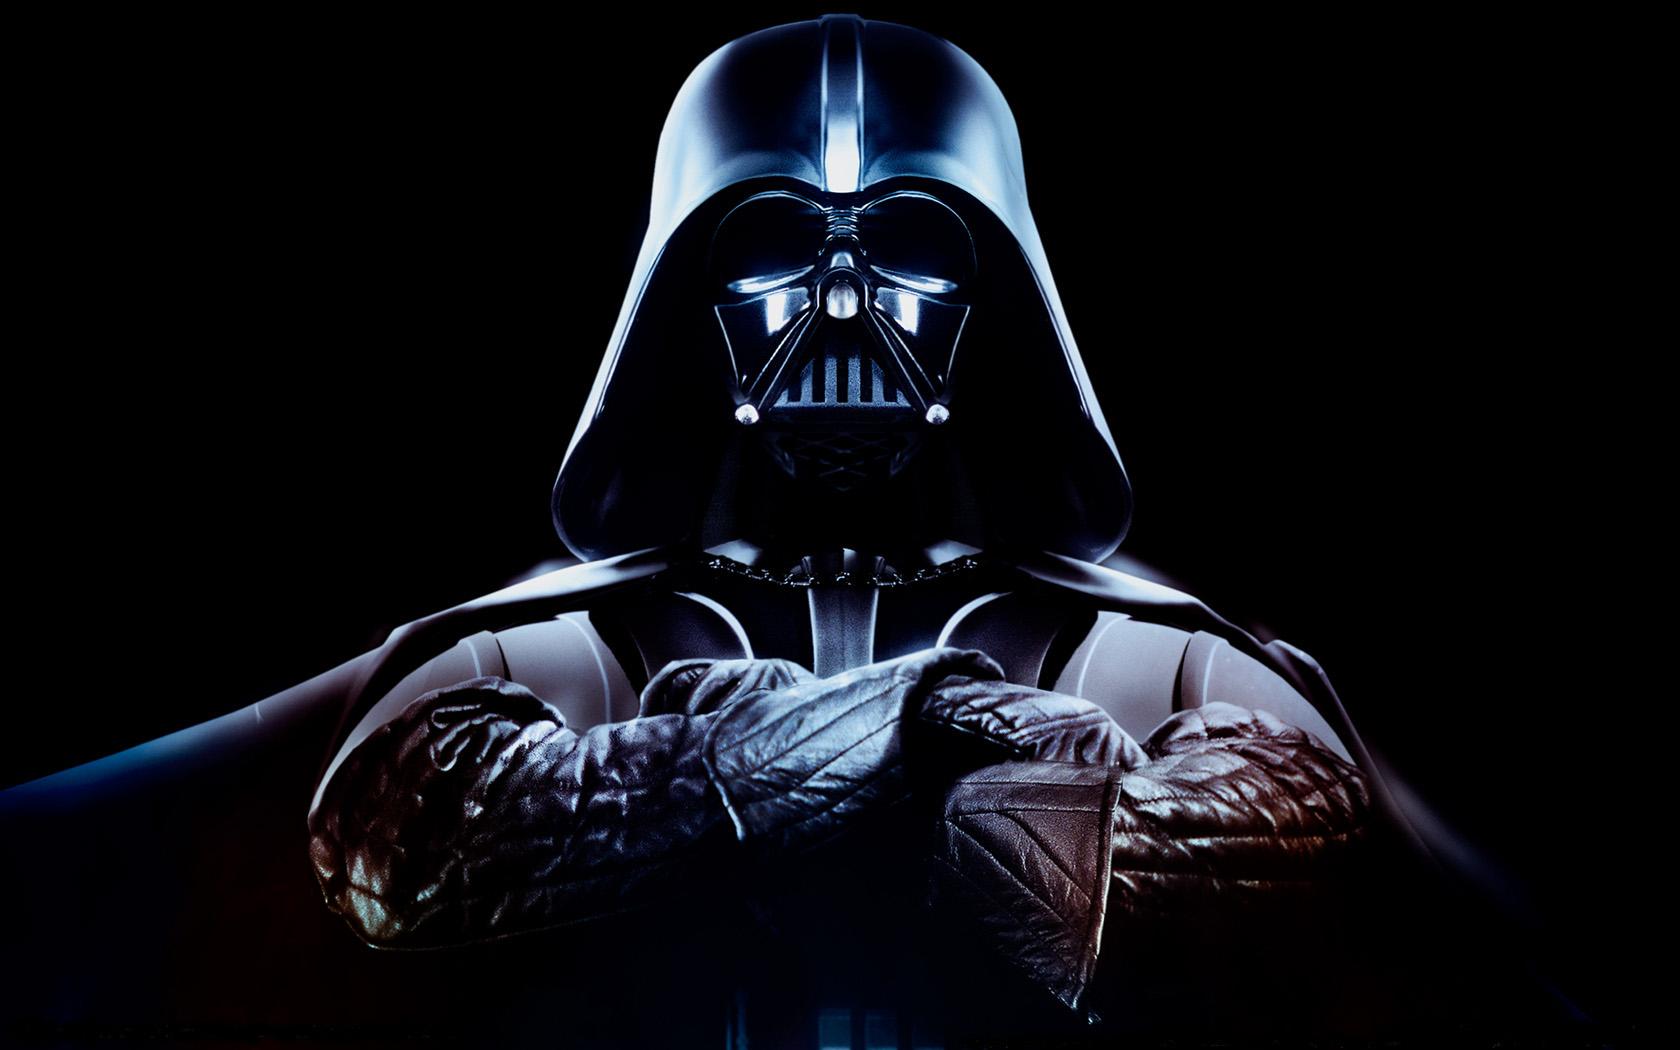 Darth Vader: Candidato presidencial en Ucrania